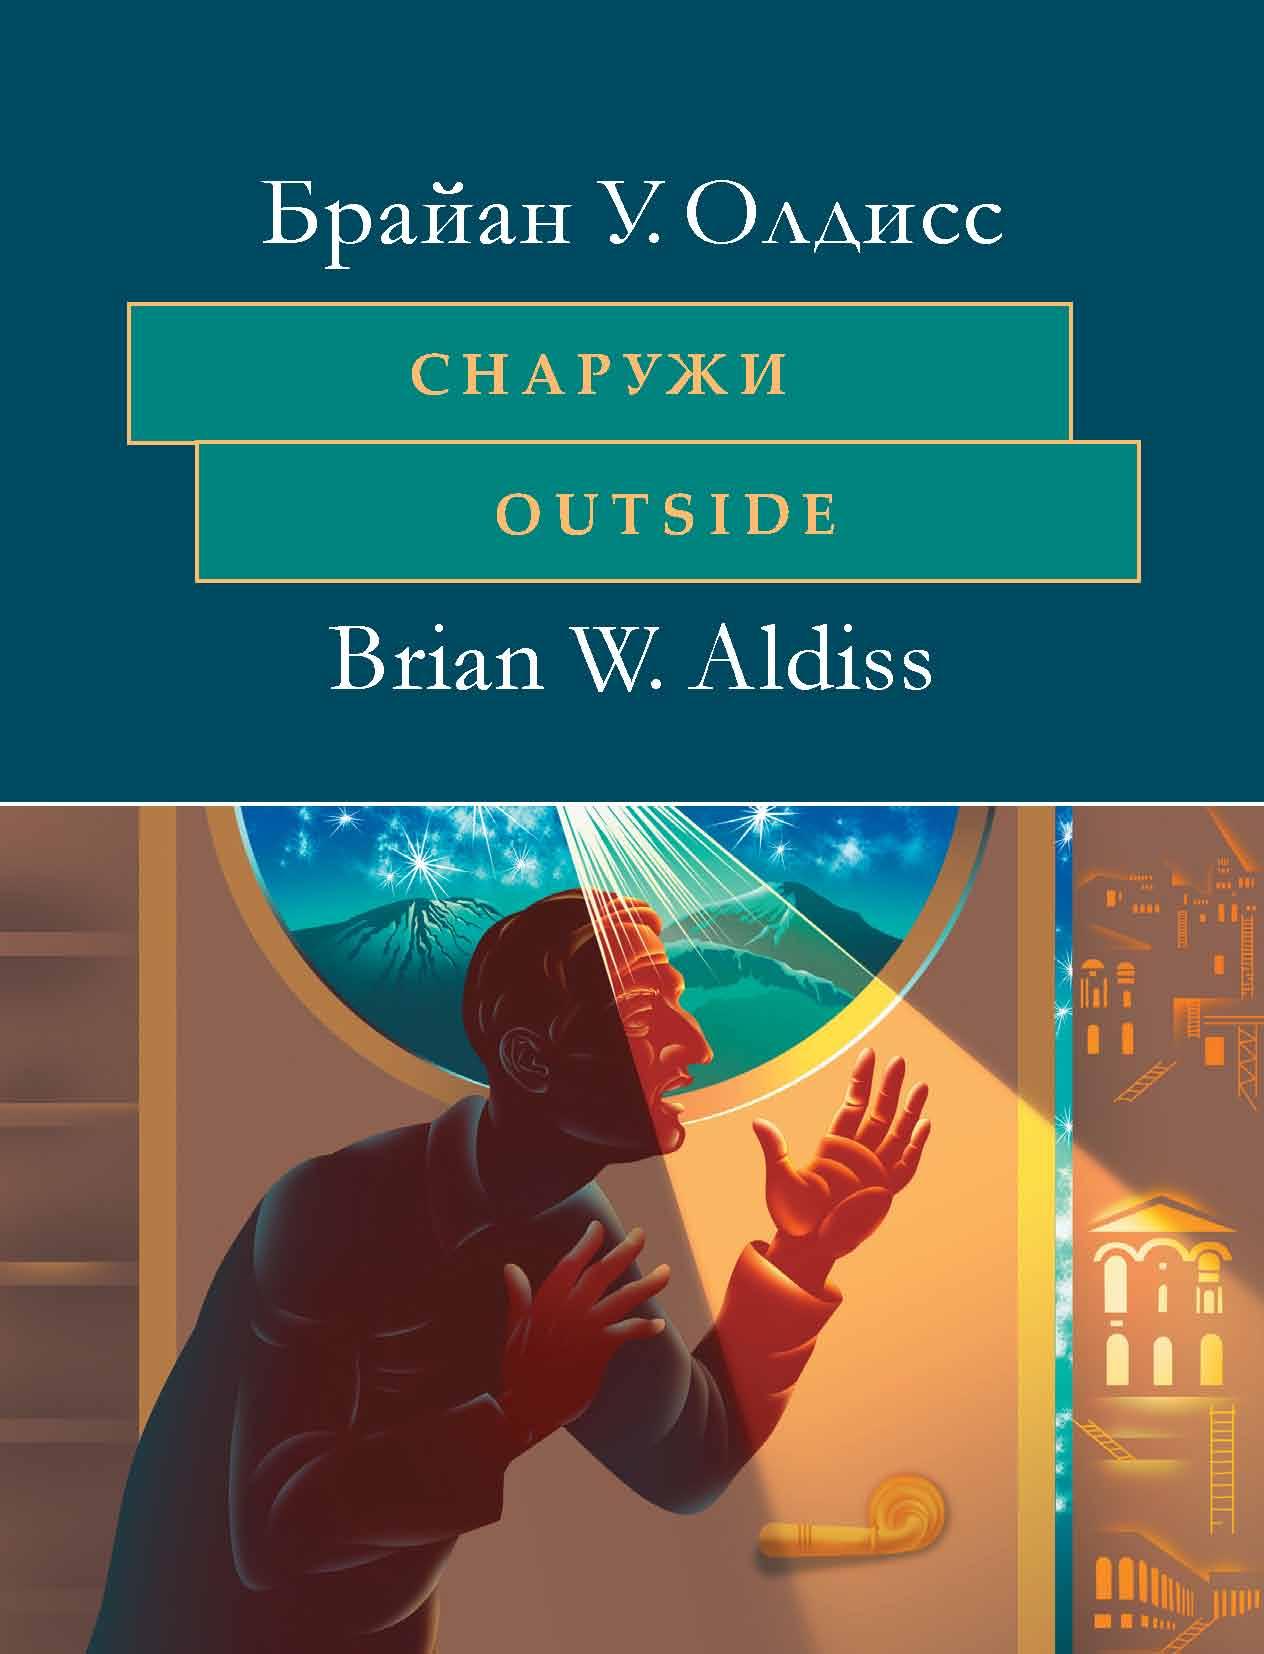 Брайан Олдисс Снаружи. Outside. На английском языке с параллельным художественным переводом на русский язык книги на английском языке с переводом на русский